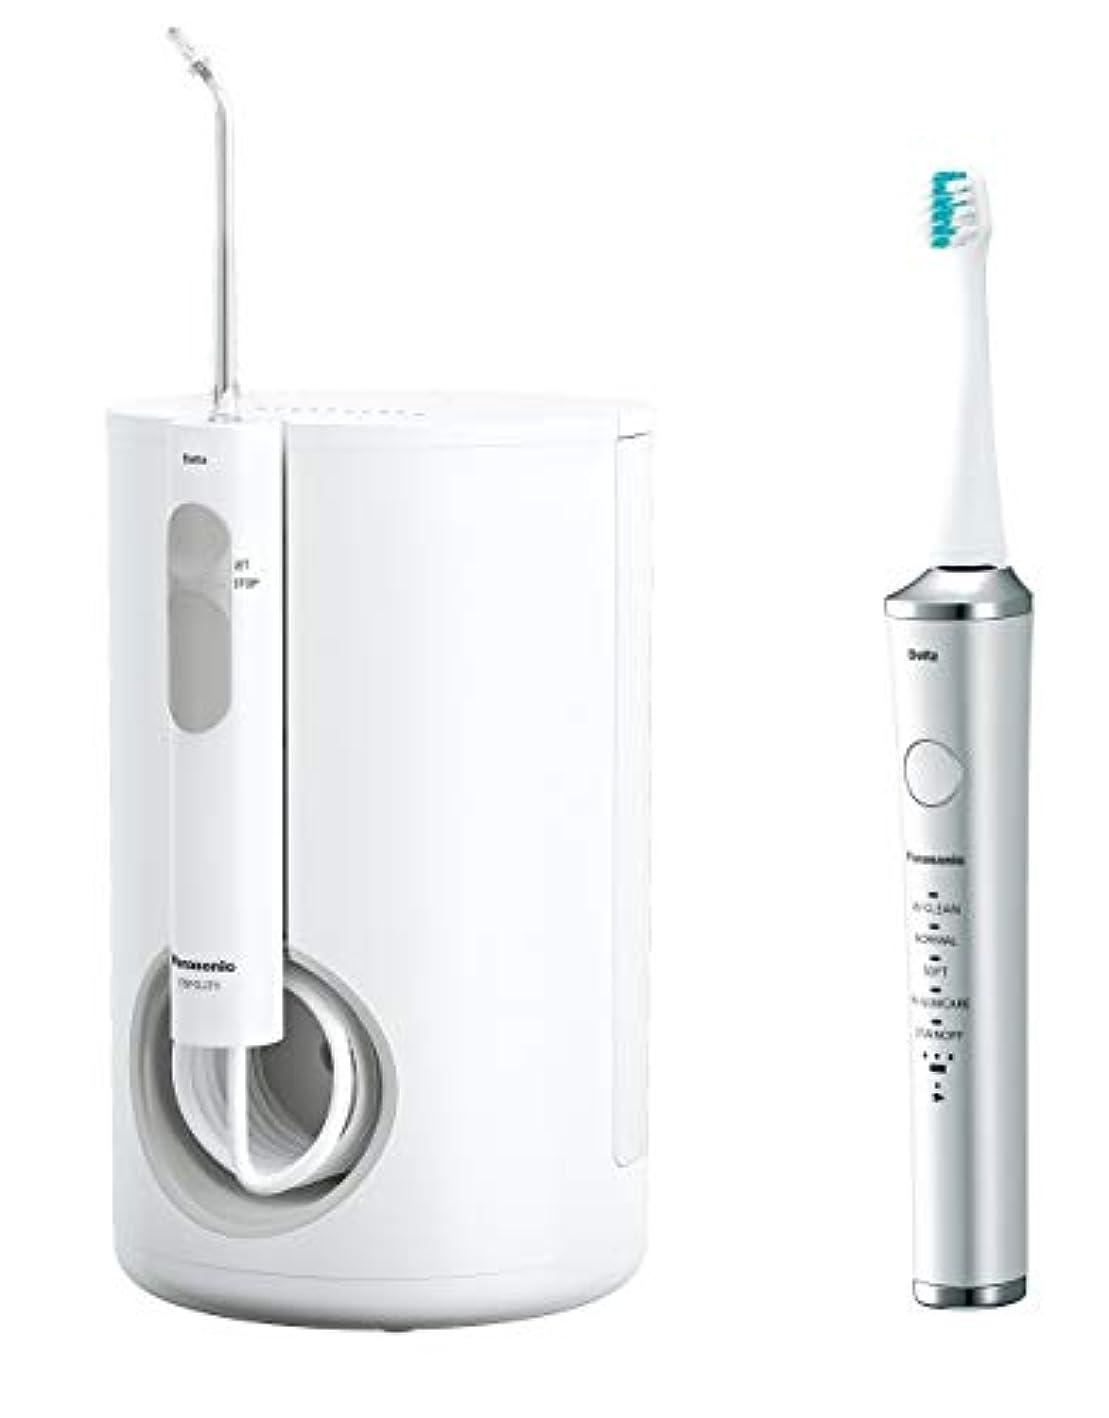 ラテン繰り返す目的パナソニック 口腔洗浄器 ジェットウォッシャー ドルツ 白 EW-DJ71-W + 電動歯ブラシ ドルツ セット